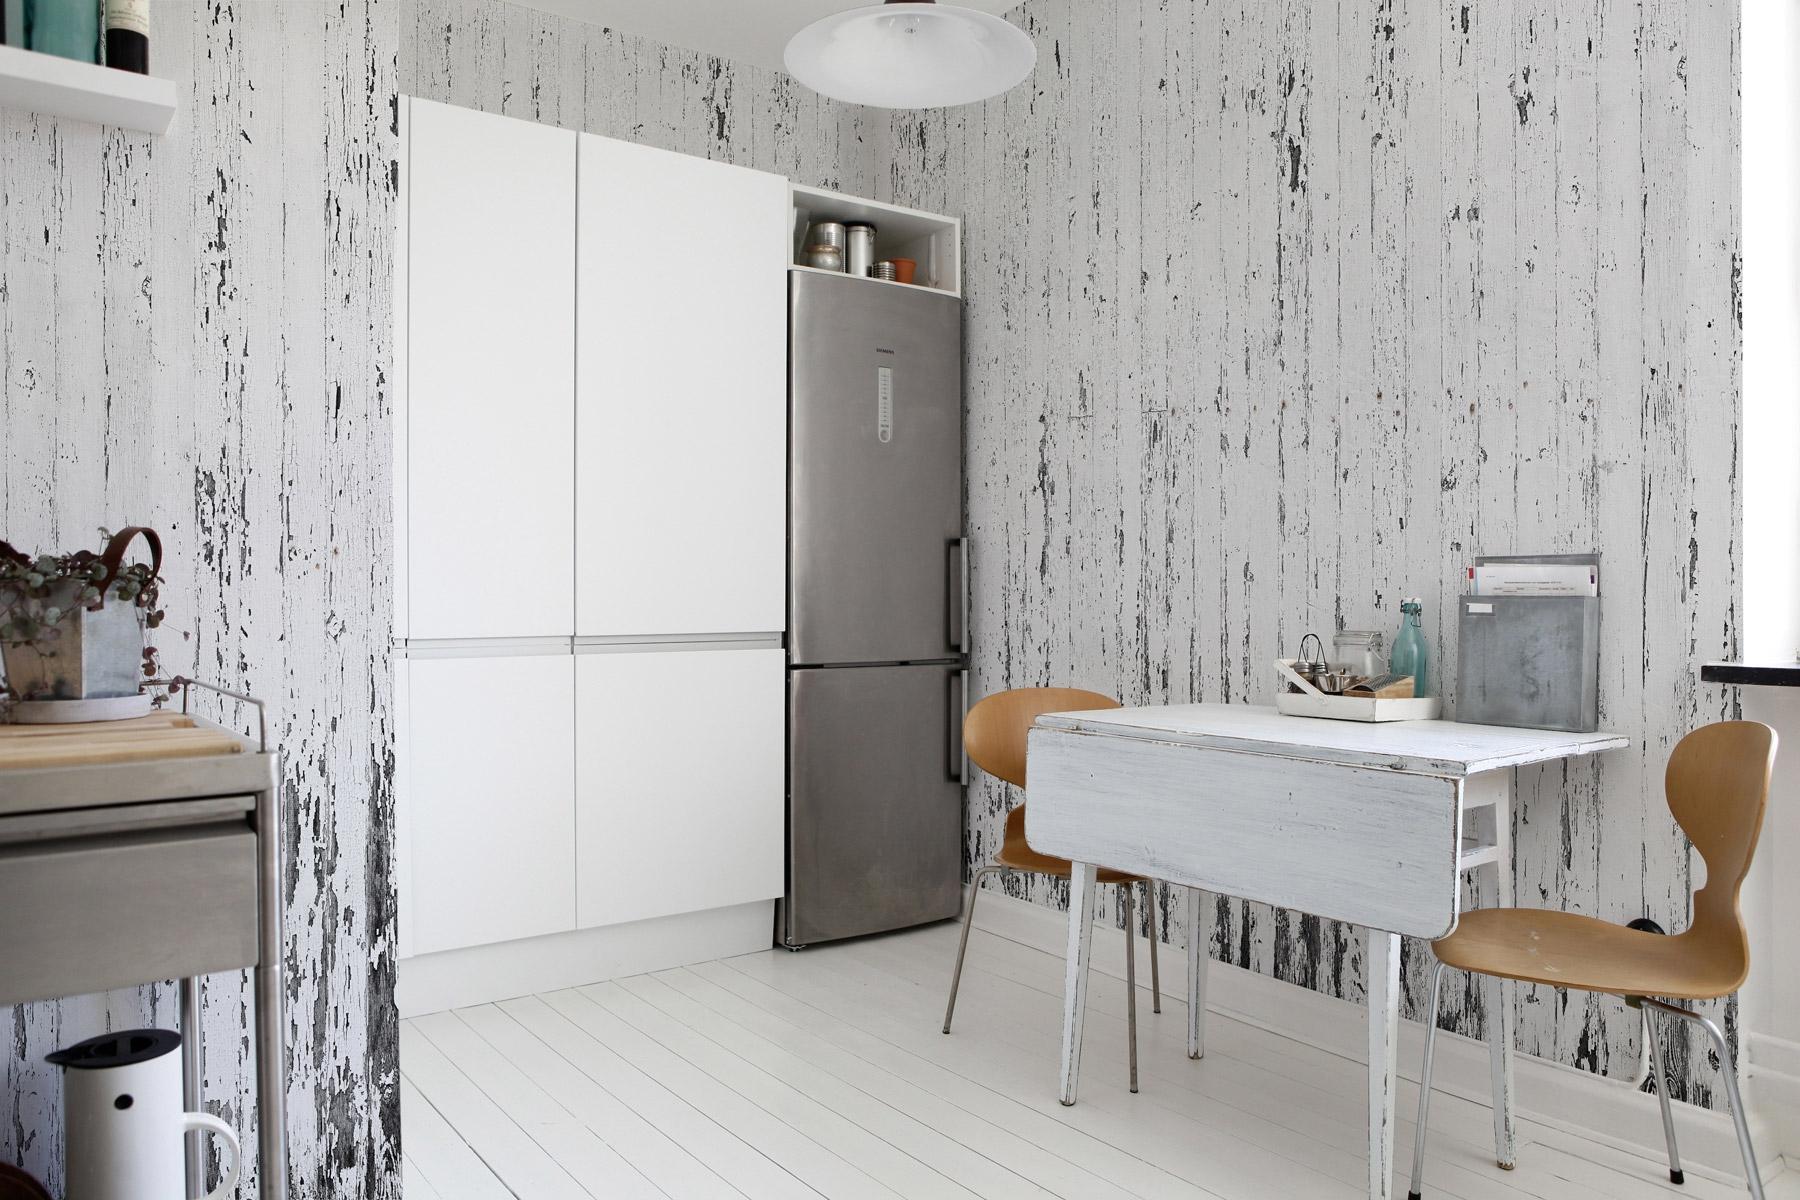 papier peint moderne dans la cuisine